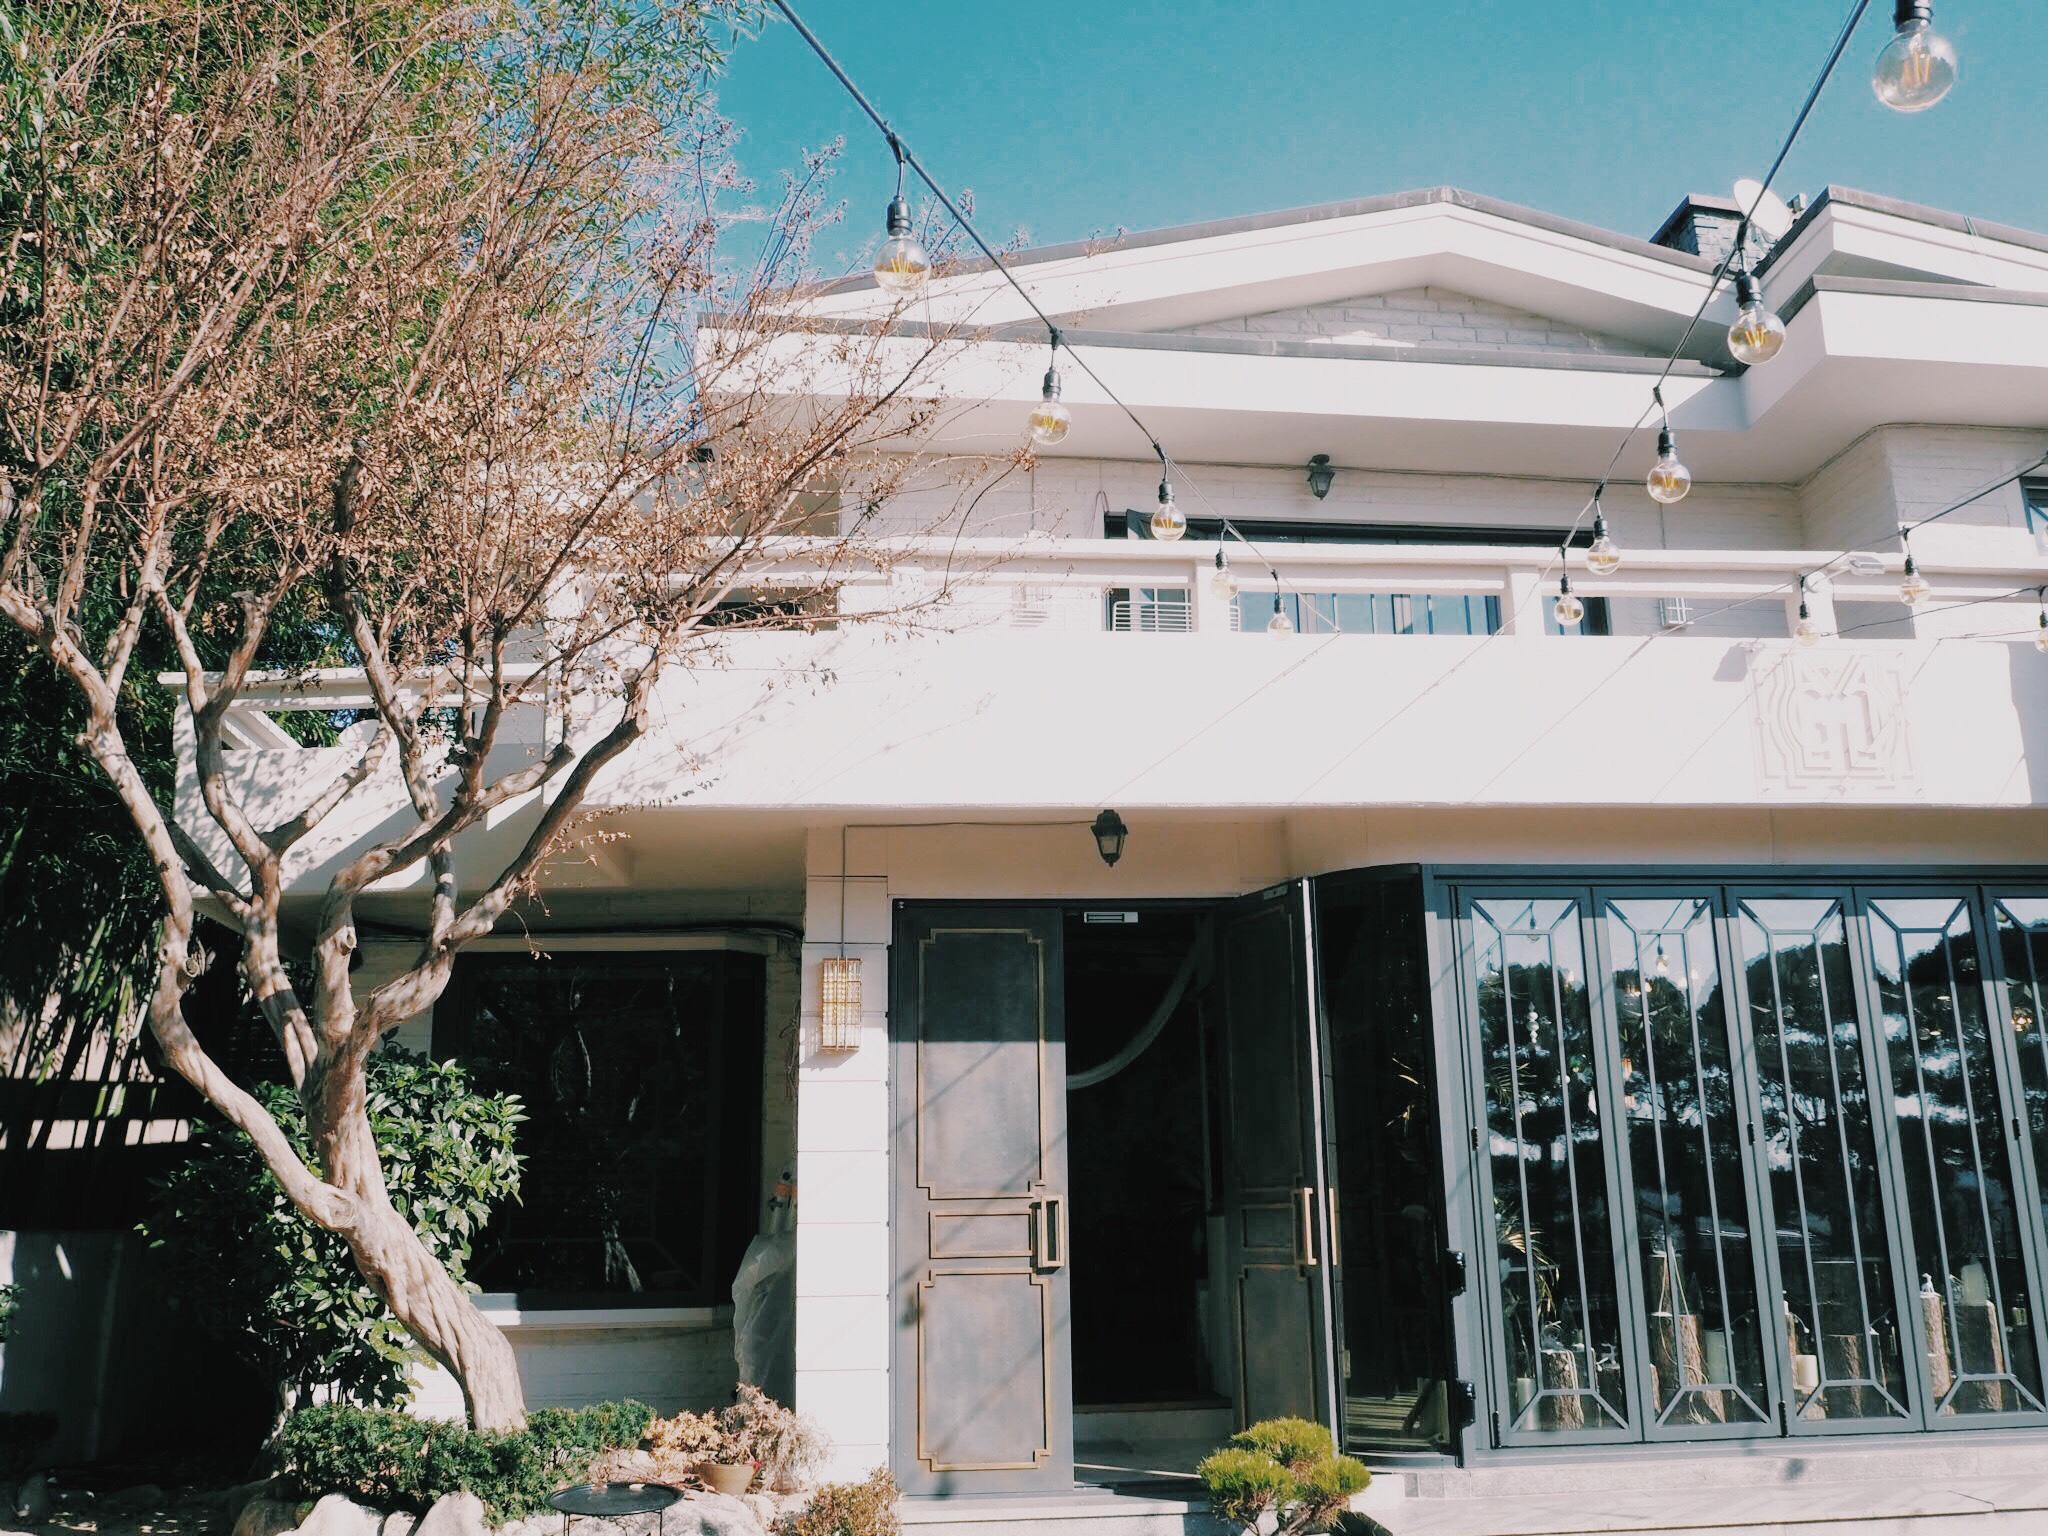 9076550e 7f91 4152 86c7 d28473767f7a - GRAND MUSE - まるで隠れ家一軒家。韓国ソウルにオープンしたケーキプレートがおしゃれなカフェ